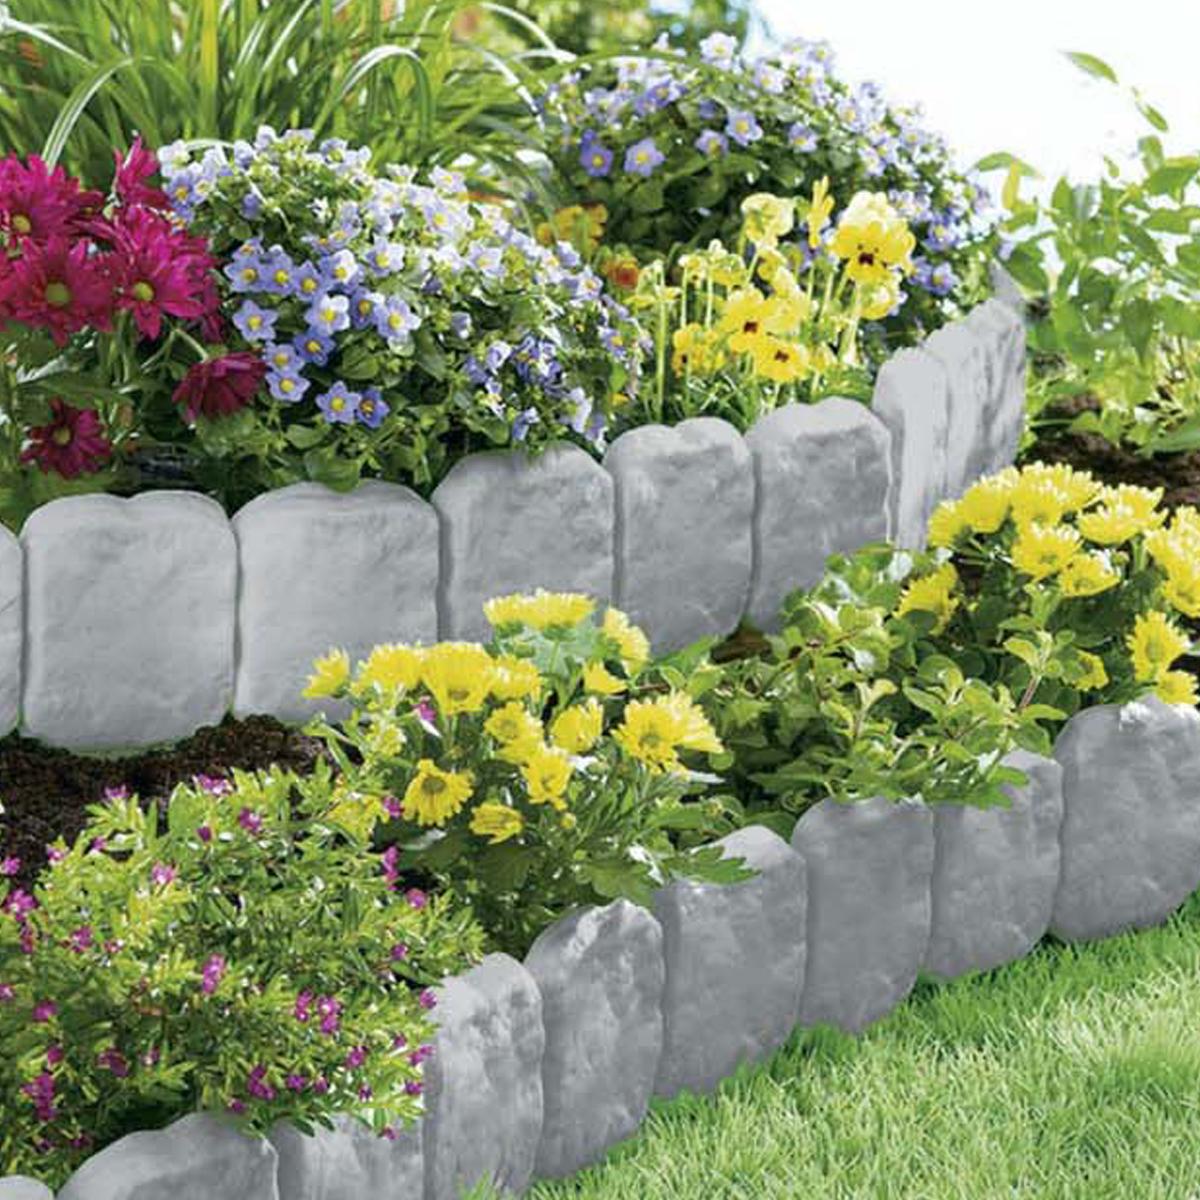 Stone flower bed border stone flower bed clia net for for Flower garden borders